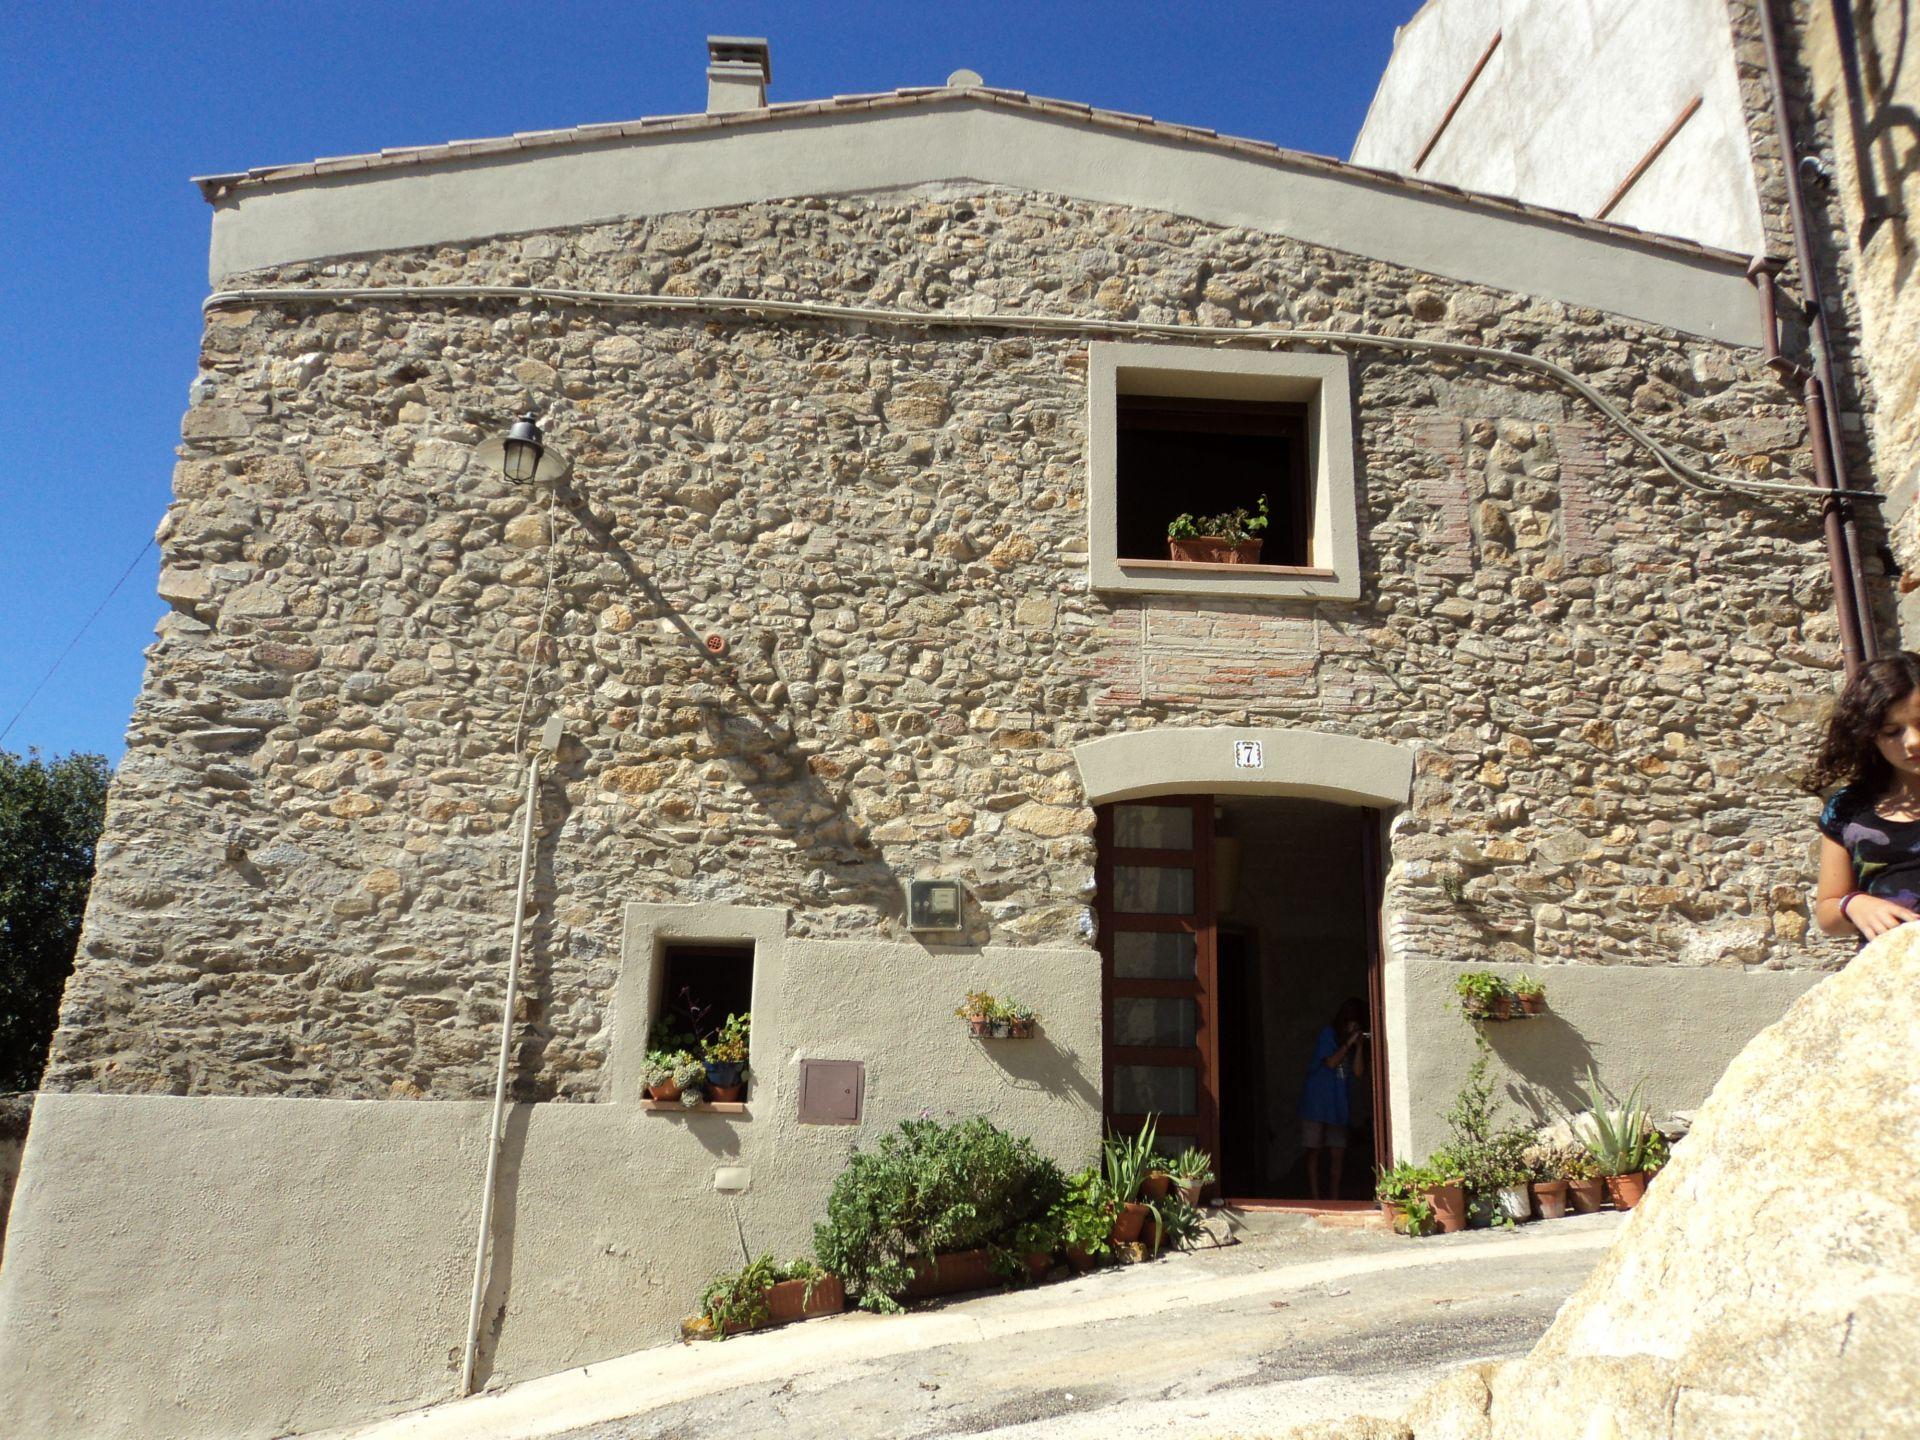 Casa de 1851 en PAU, Girona (Alt Empordà). Parque Natural Aiguamolls ...